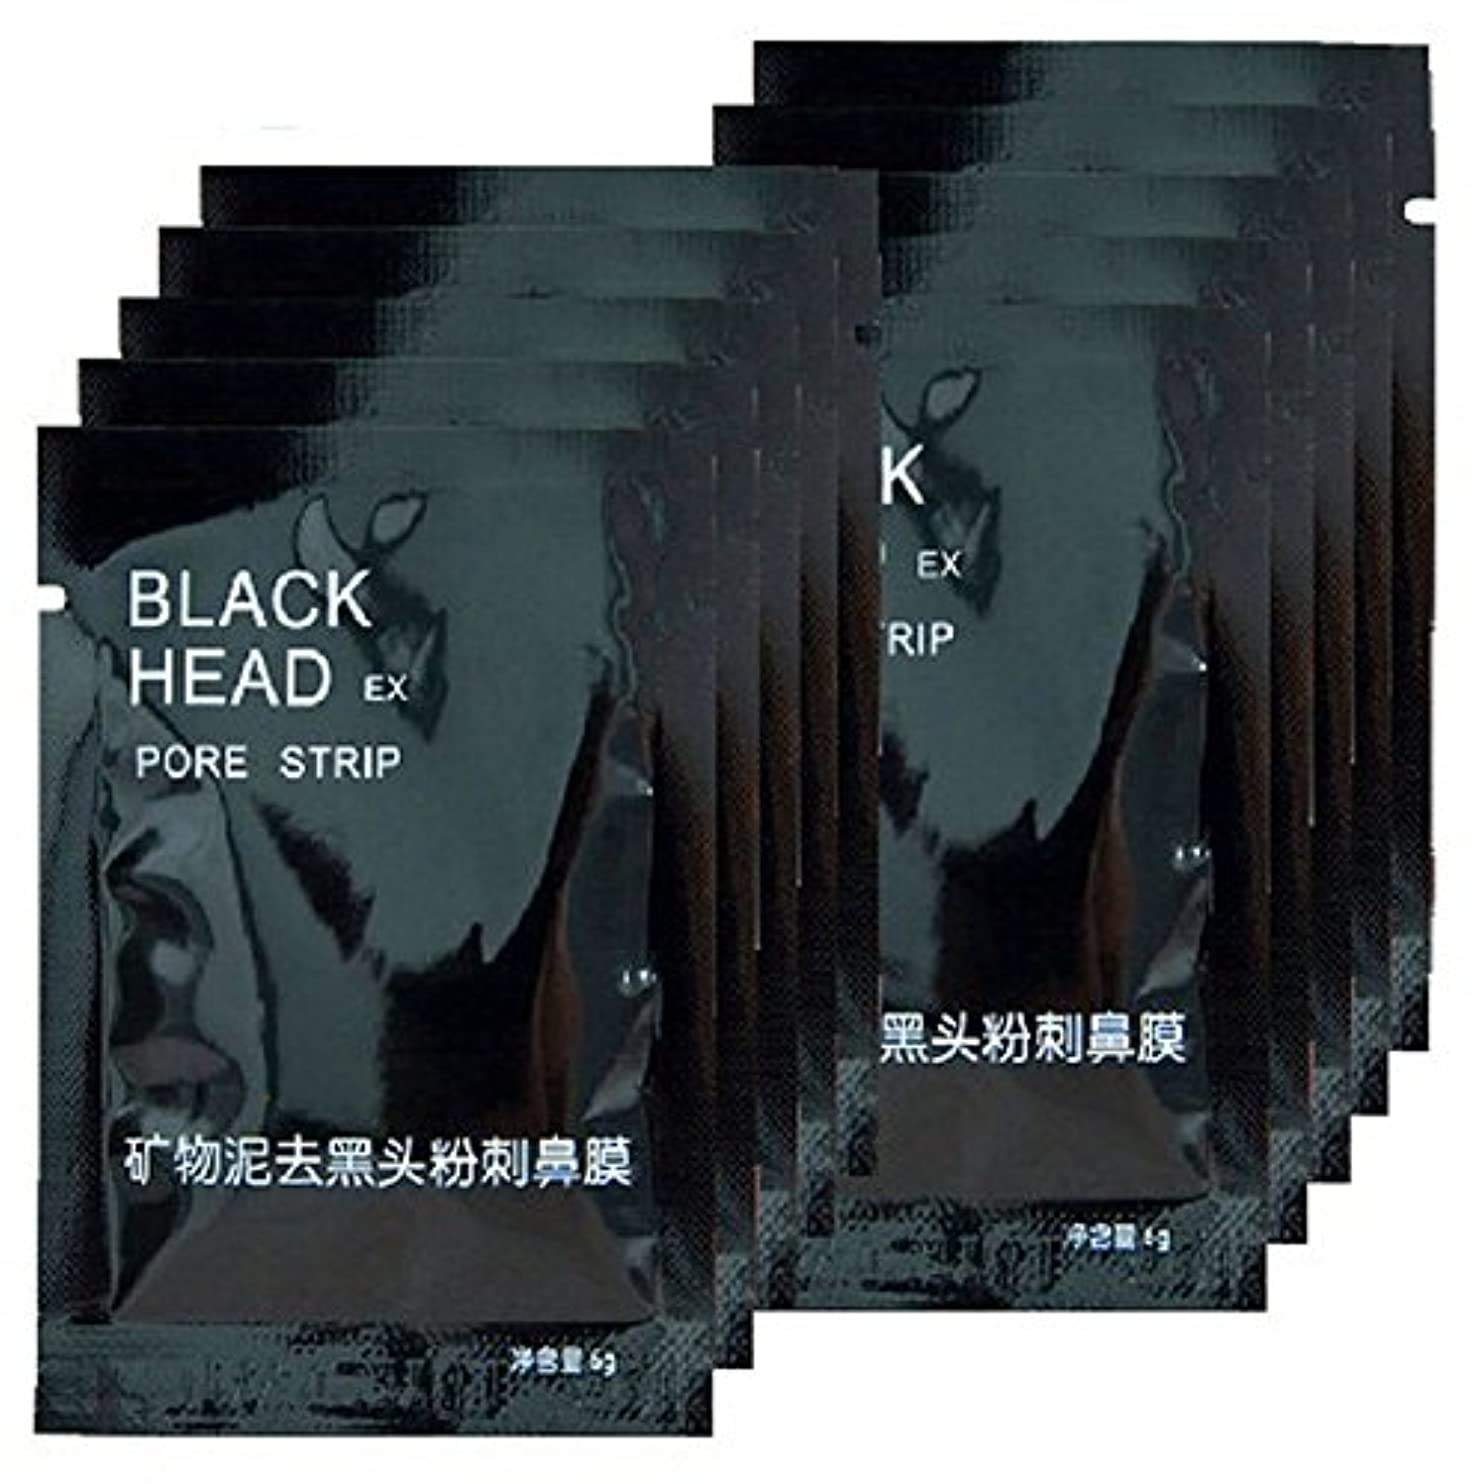 カフェ歯痛分子鼻のにきびの除去剤のマスクによって活動化させる木炭は鼻の深いクリーニングの毛穴にきびのための黒いマスクをはがします